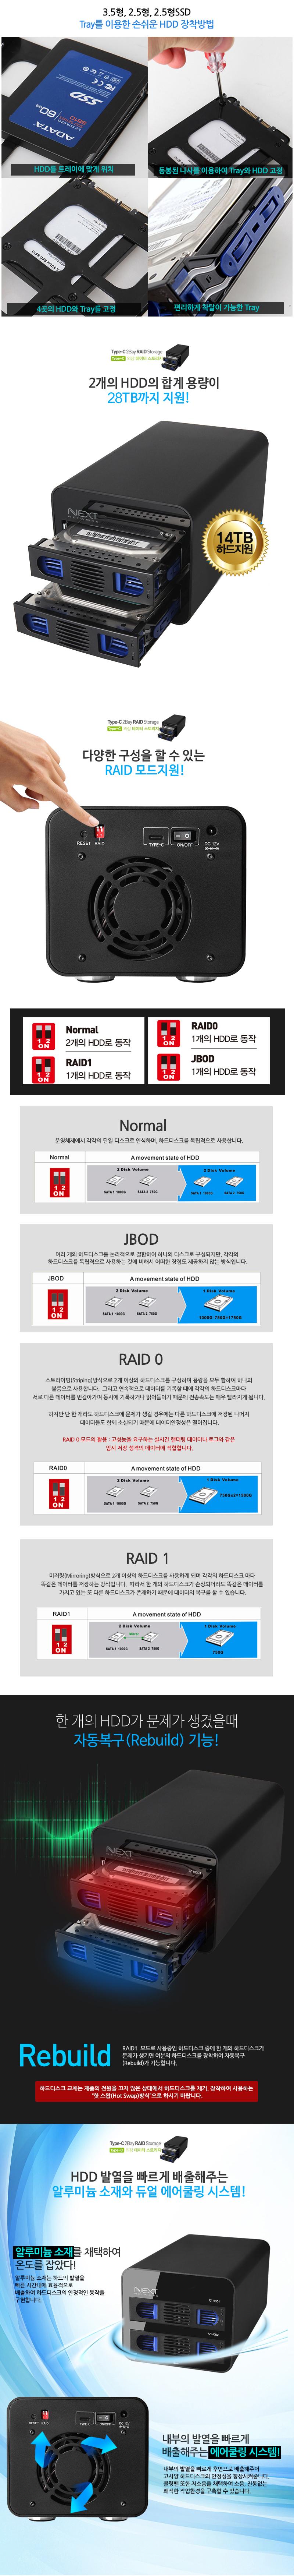 이지넷유비쿼터스 넥스트 NEXT-702TC RAID (12TB)